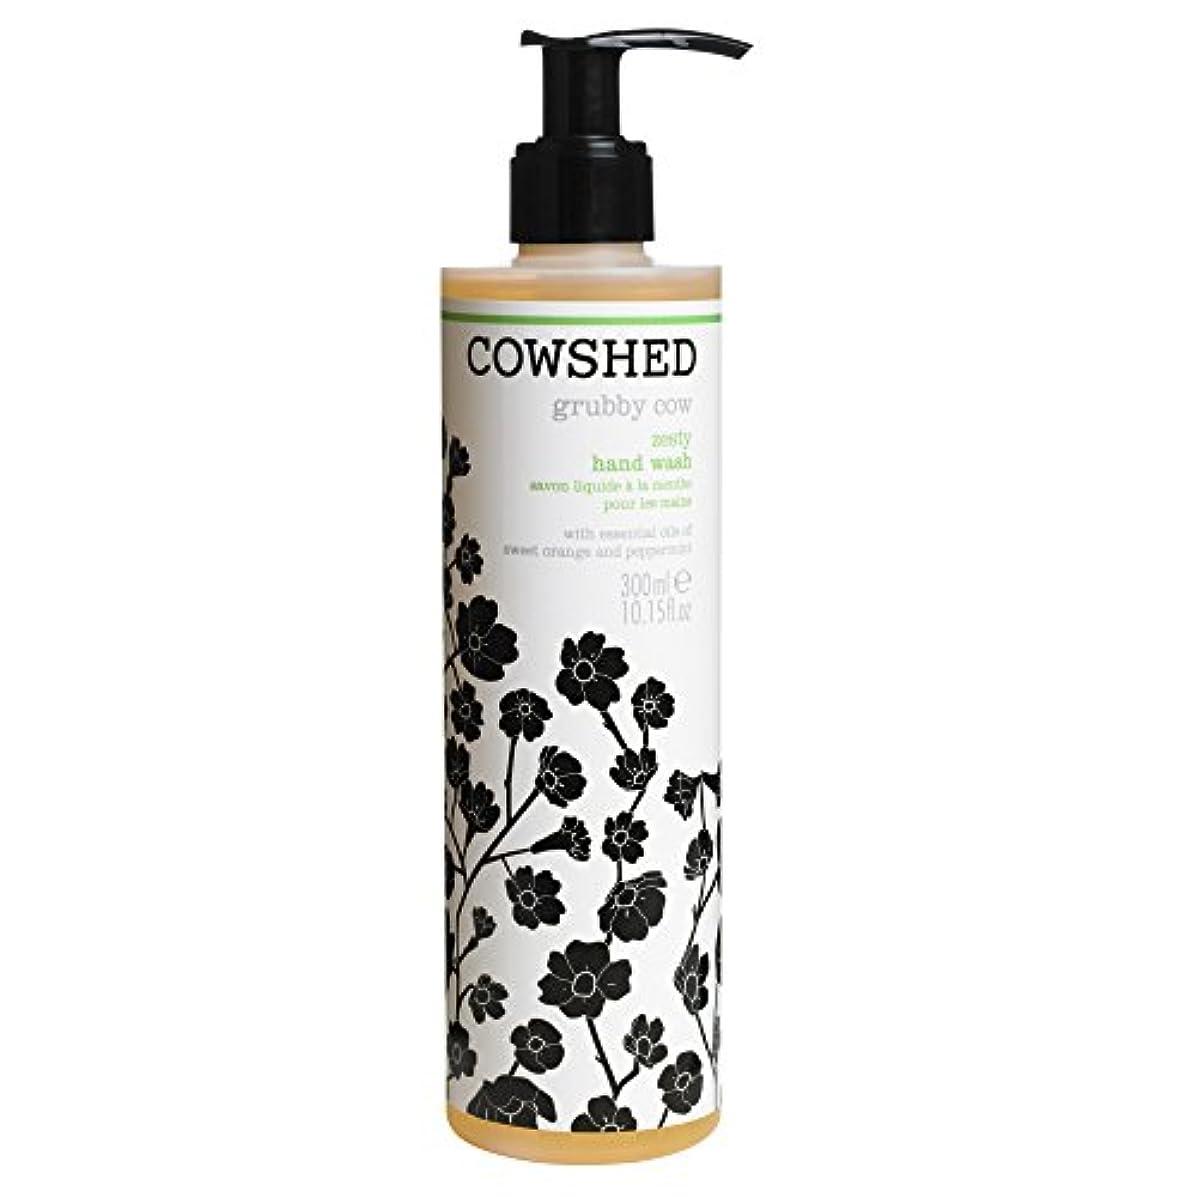 アイザック副詞オープニング牛舎汚い牛ピリッハンドウォッシュ300ミリリットル (Cowshed) (x6) - Cowshed Grubby Cow Zesty Hand Wash 300ml (Pack of 6) [並行輸入品]